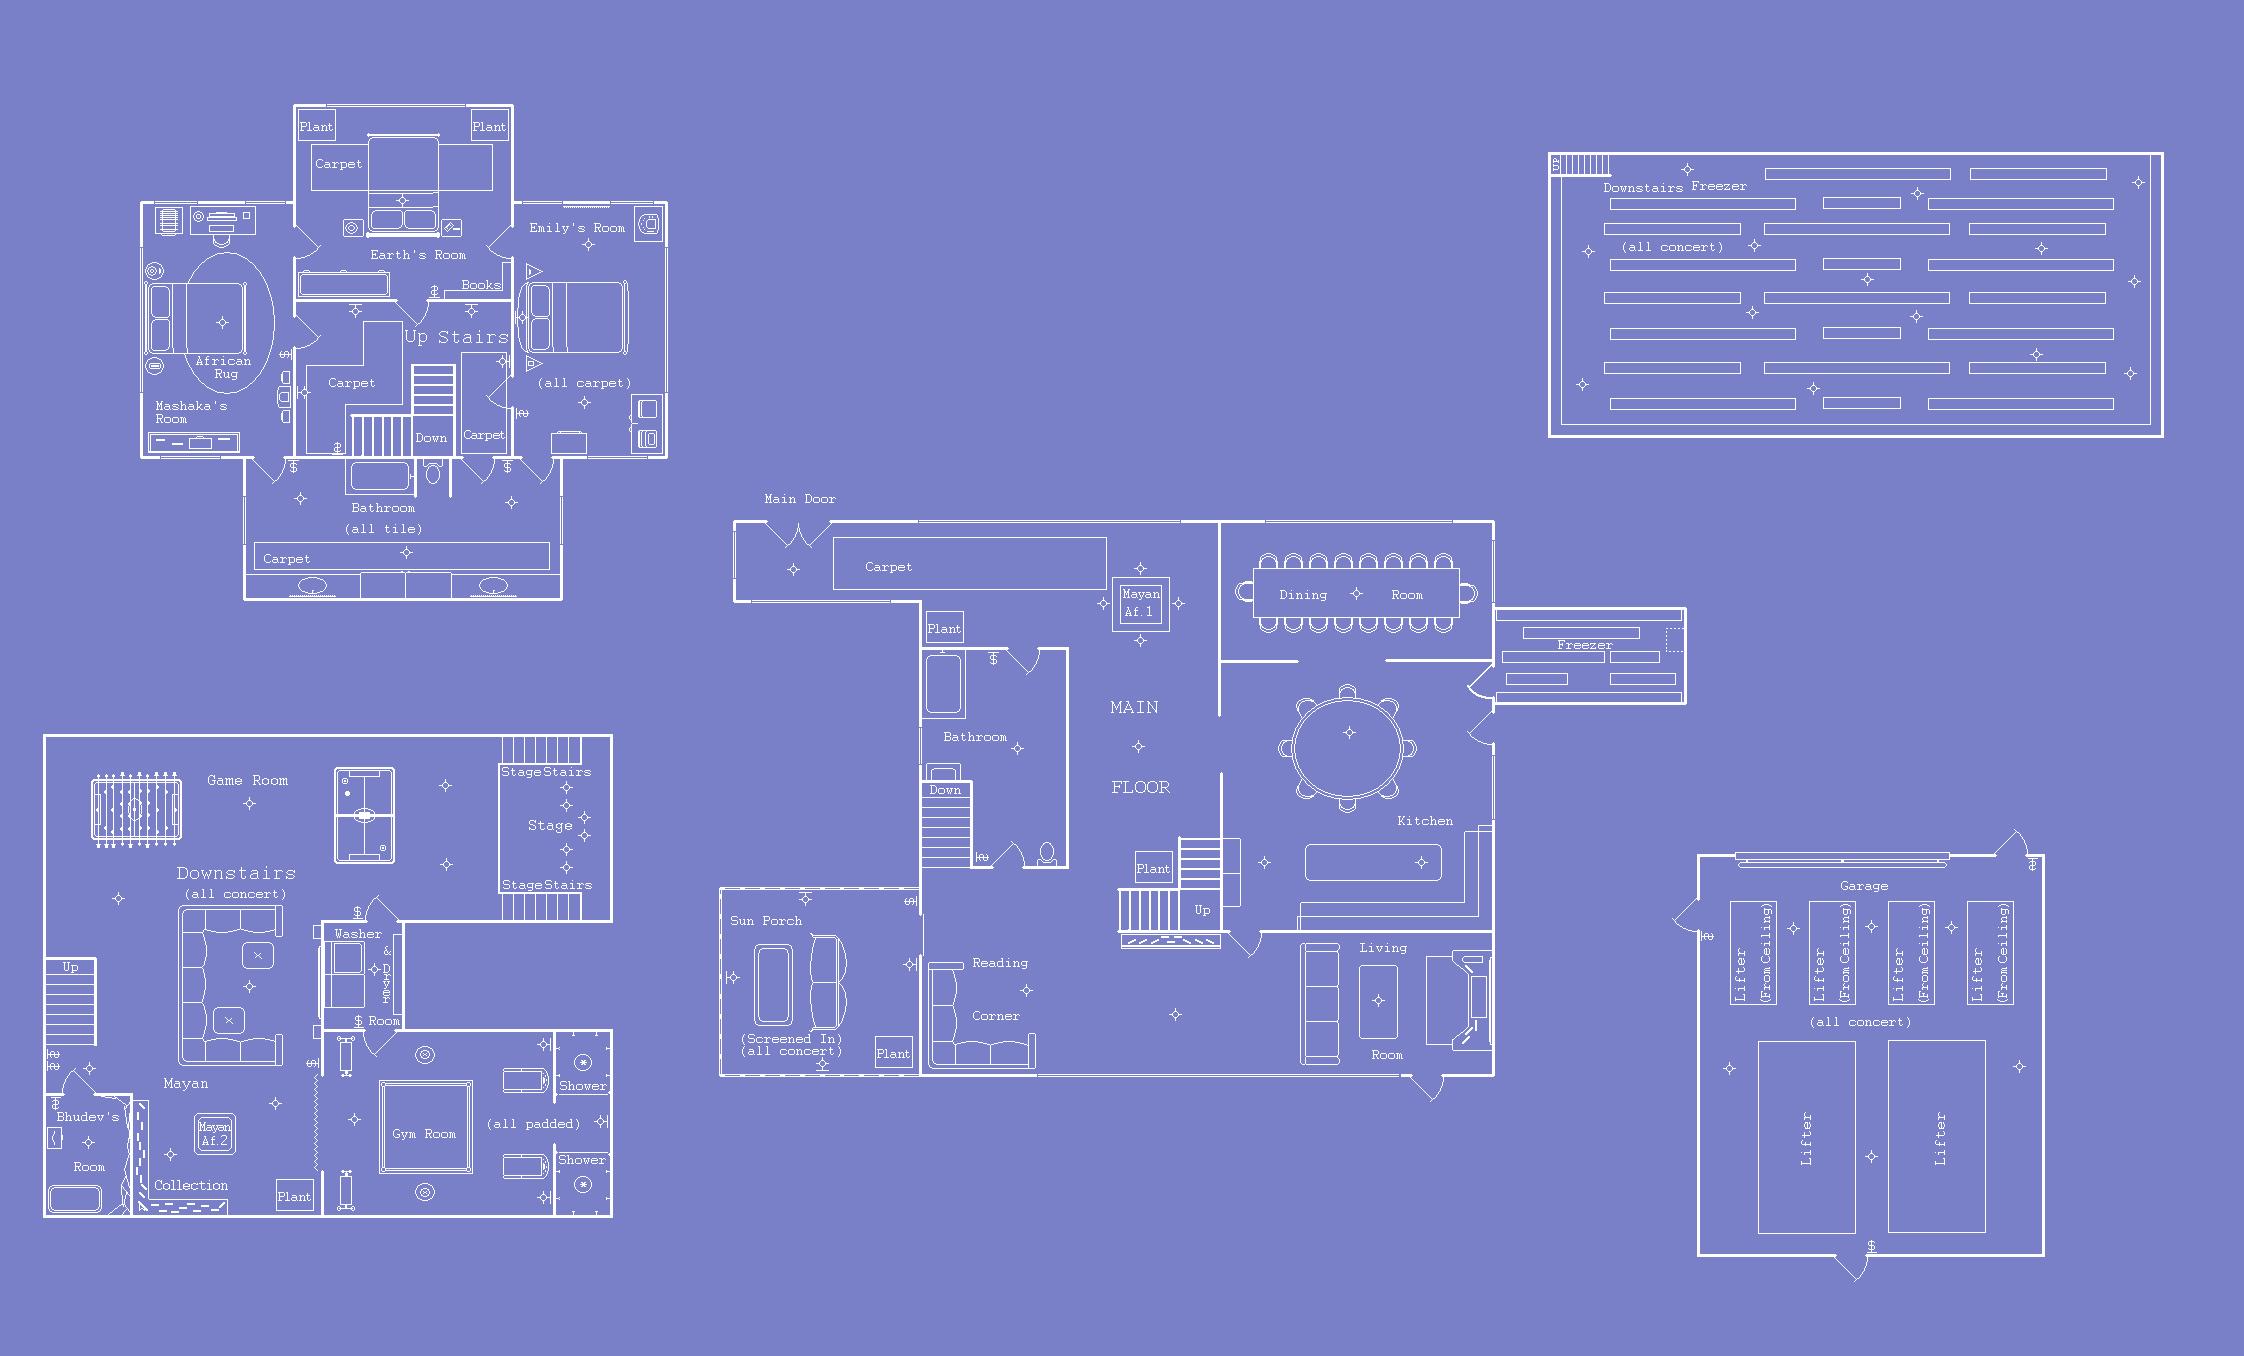 Earths house blueprints by aoi doragon on deviantart earths house blueprints by aoi doragon malvernweather Gallery